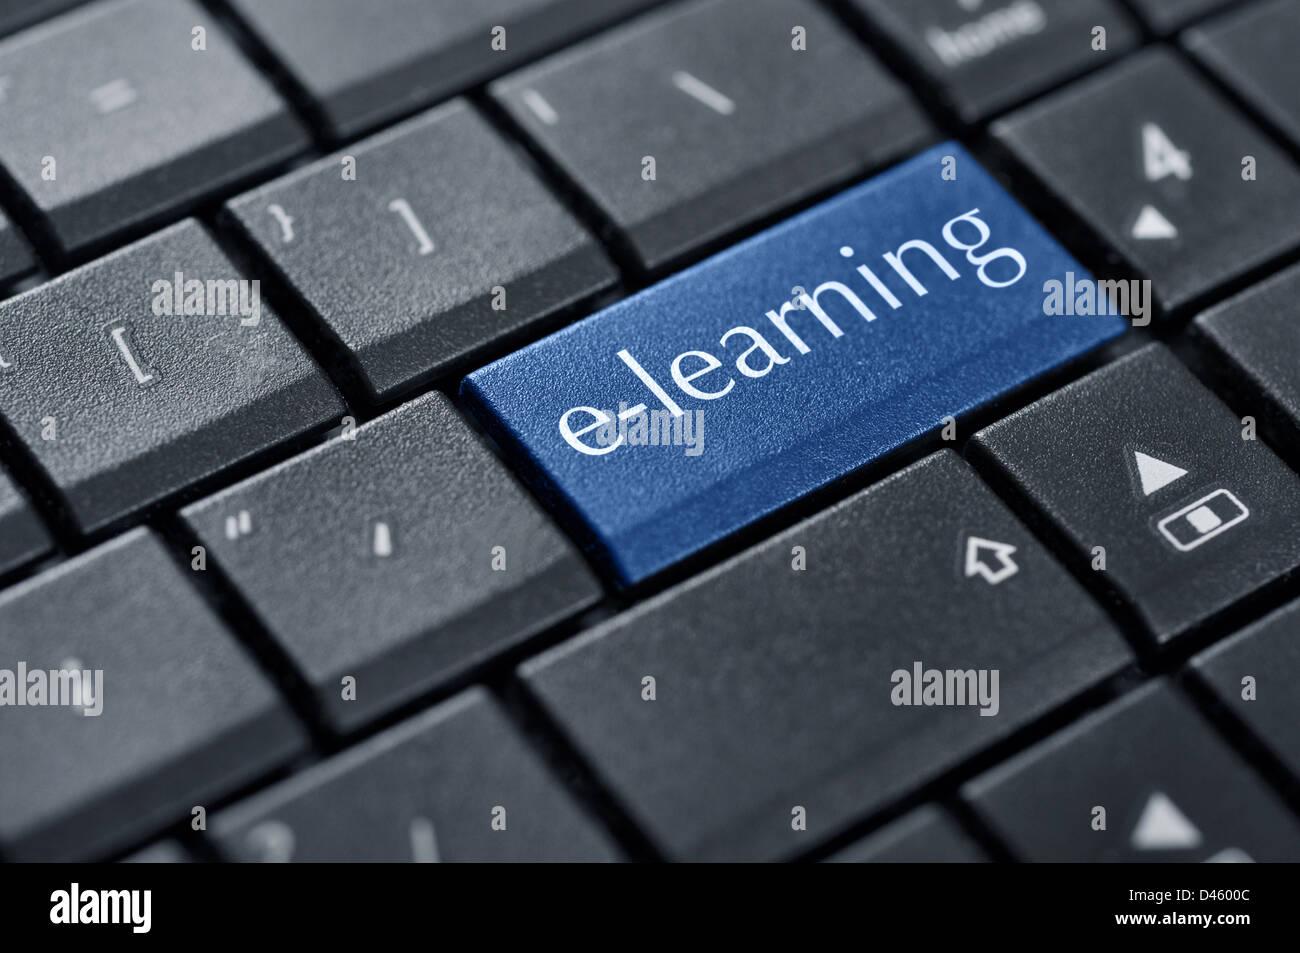 Conceptos de e-learning para el aprendizaje basado en el ordenador, con un mensaje sobre la tecla Enter del teclado. Foto de stock